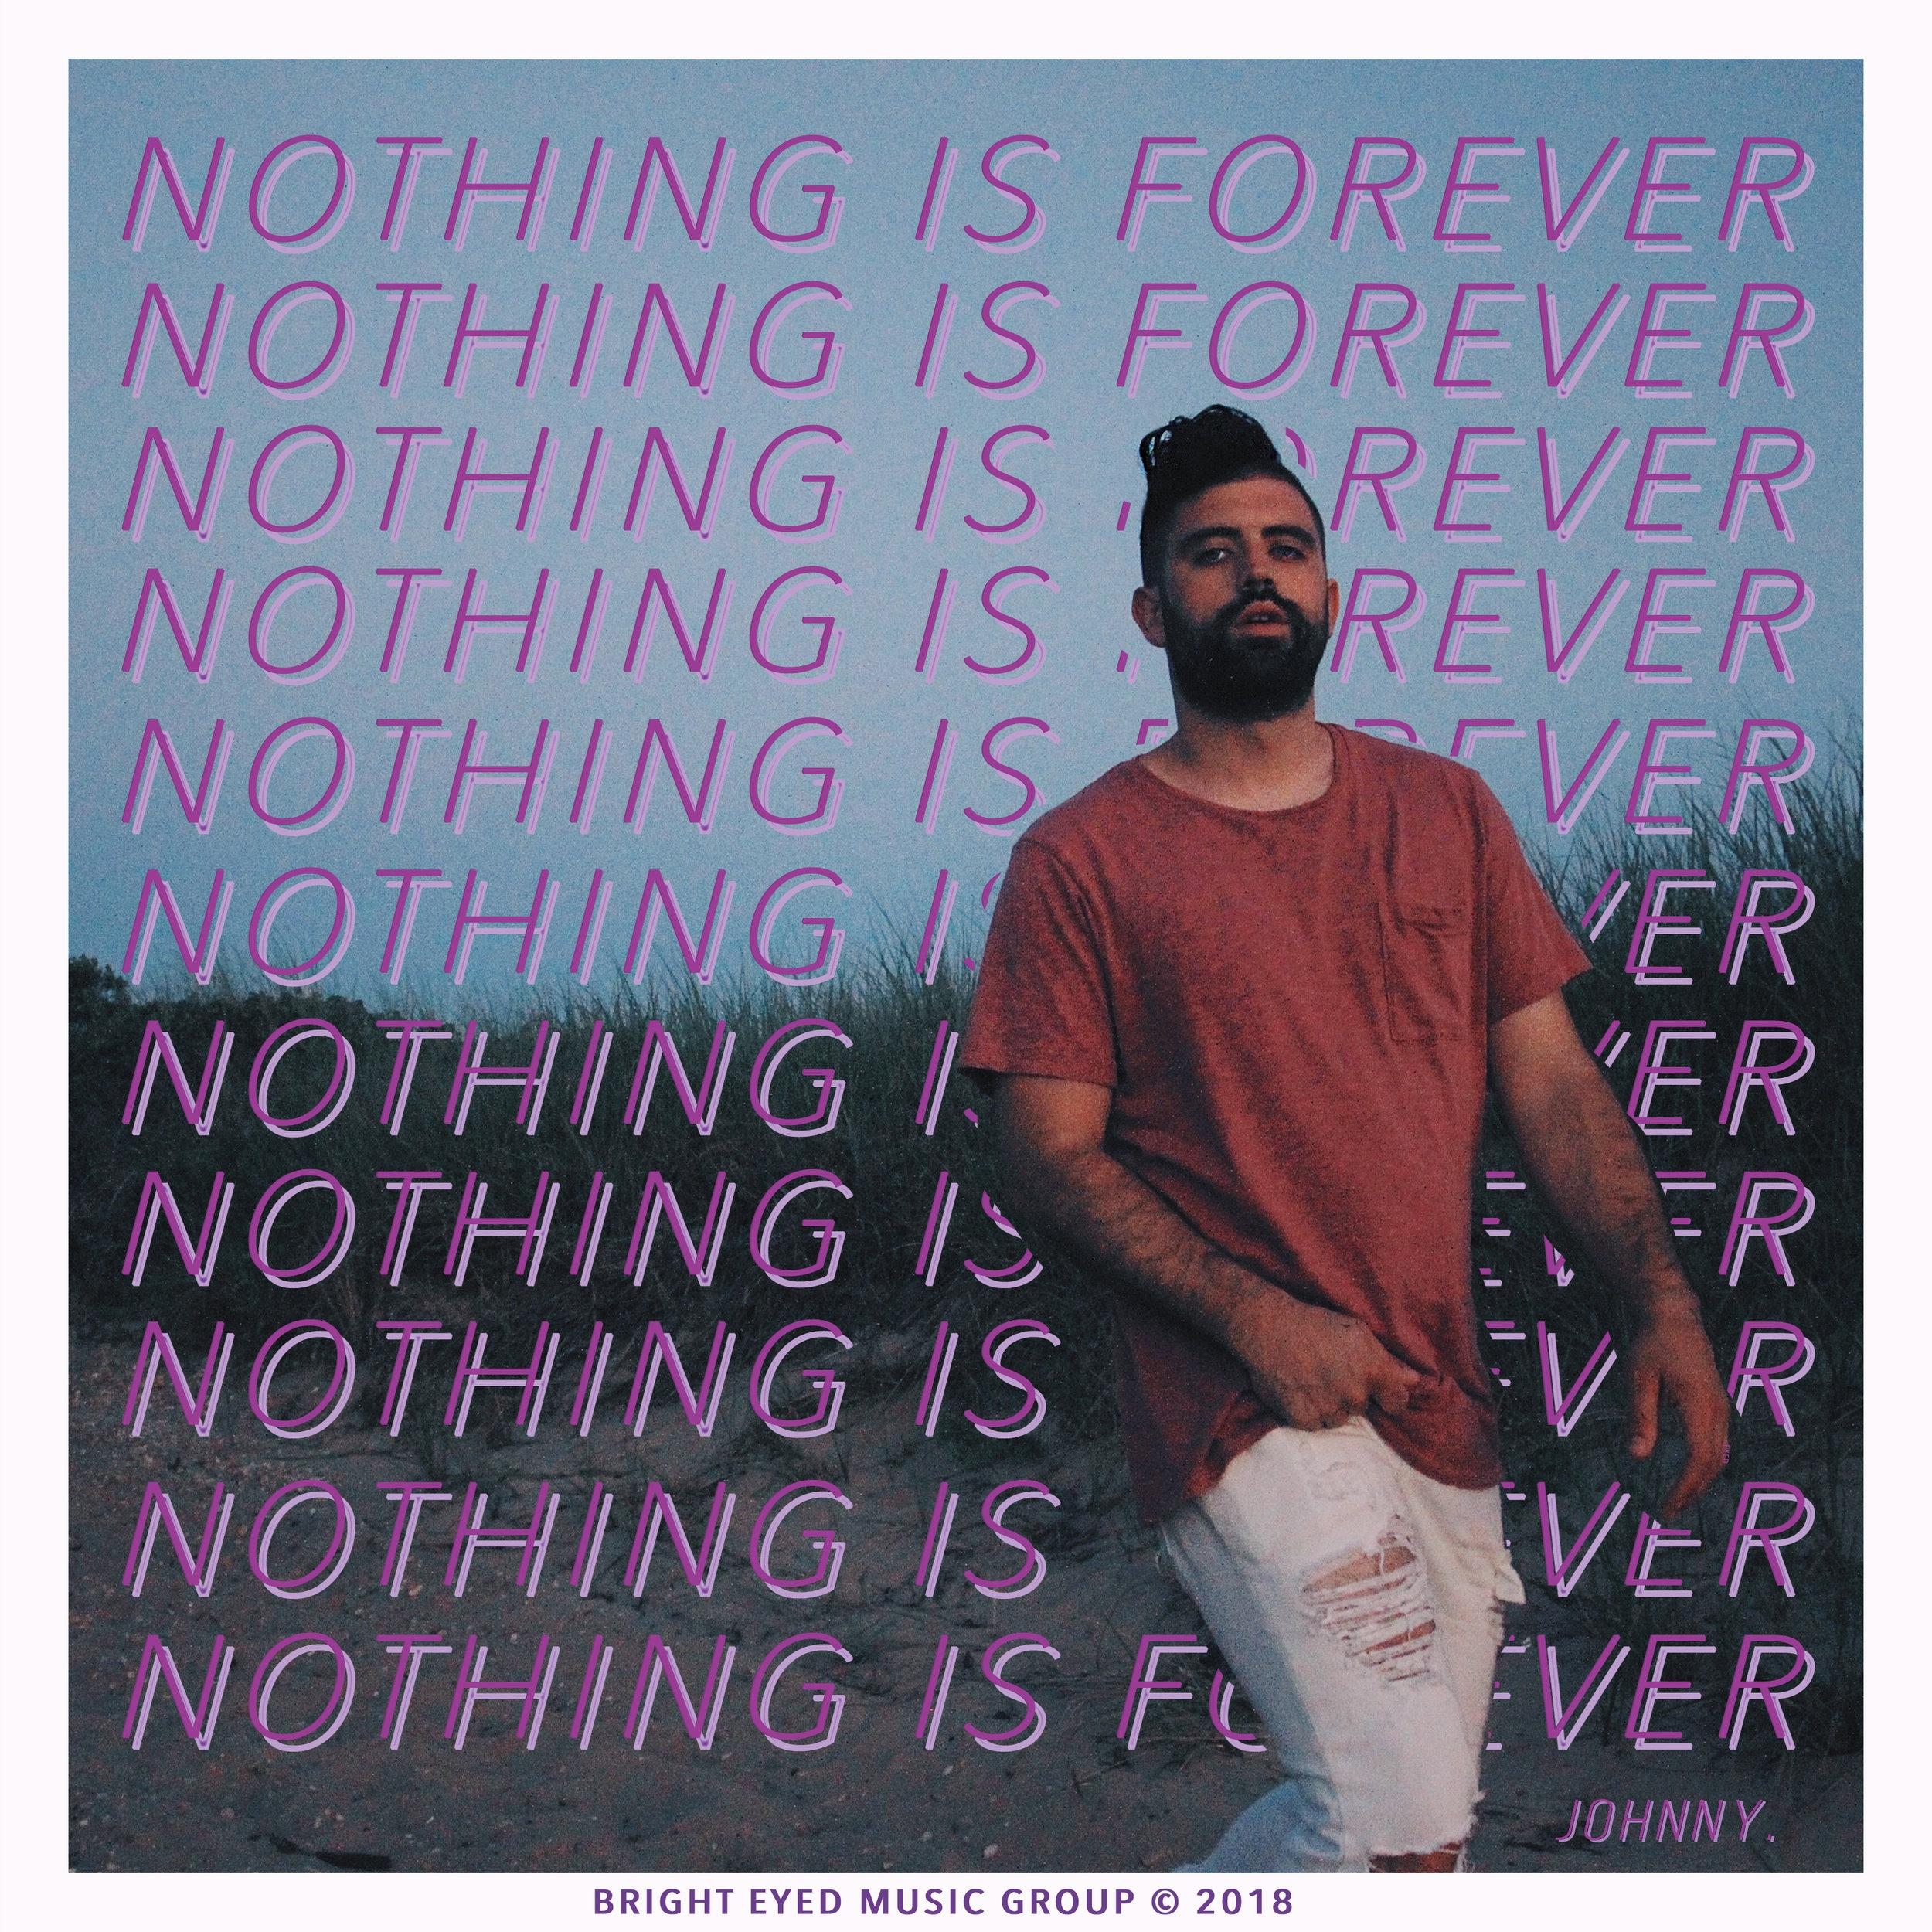 LISTEN-TO-JOHNNY-NOTHING-IS-FOREVER-ART-JOHN-WHORISKEY-JR.jpg